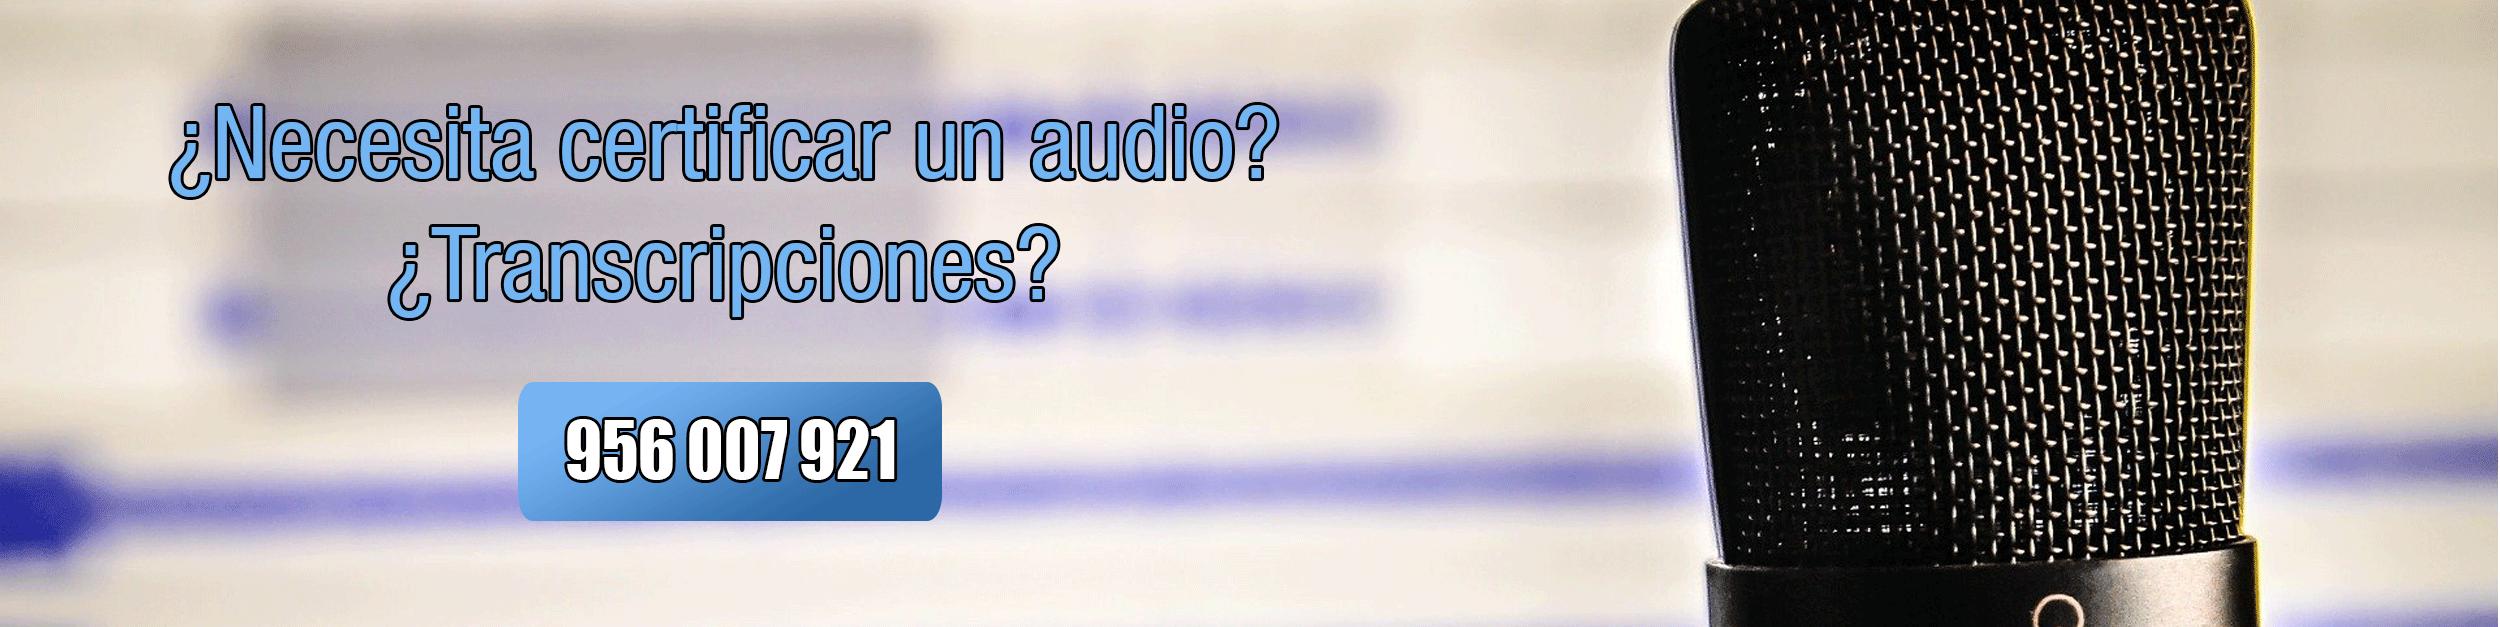 perito-informatico-cadiz-audio